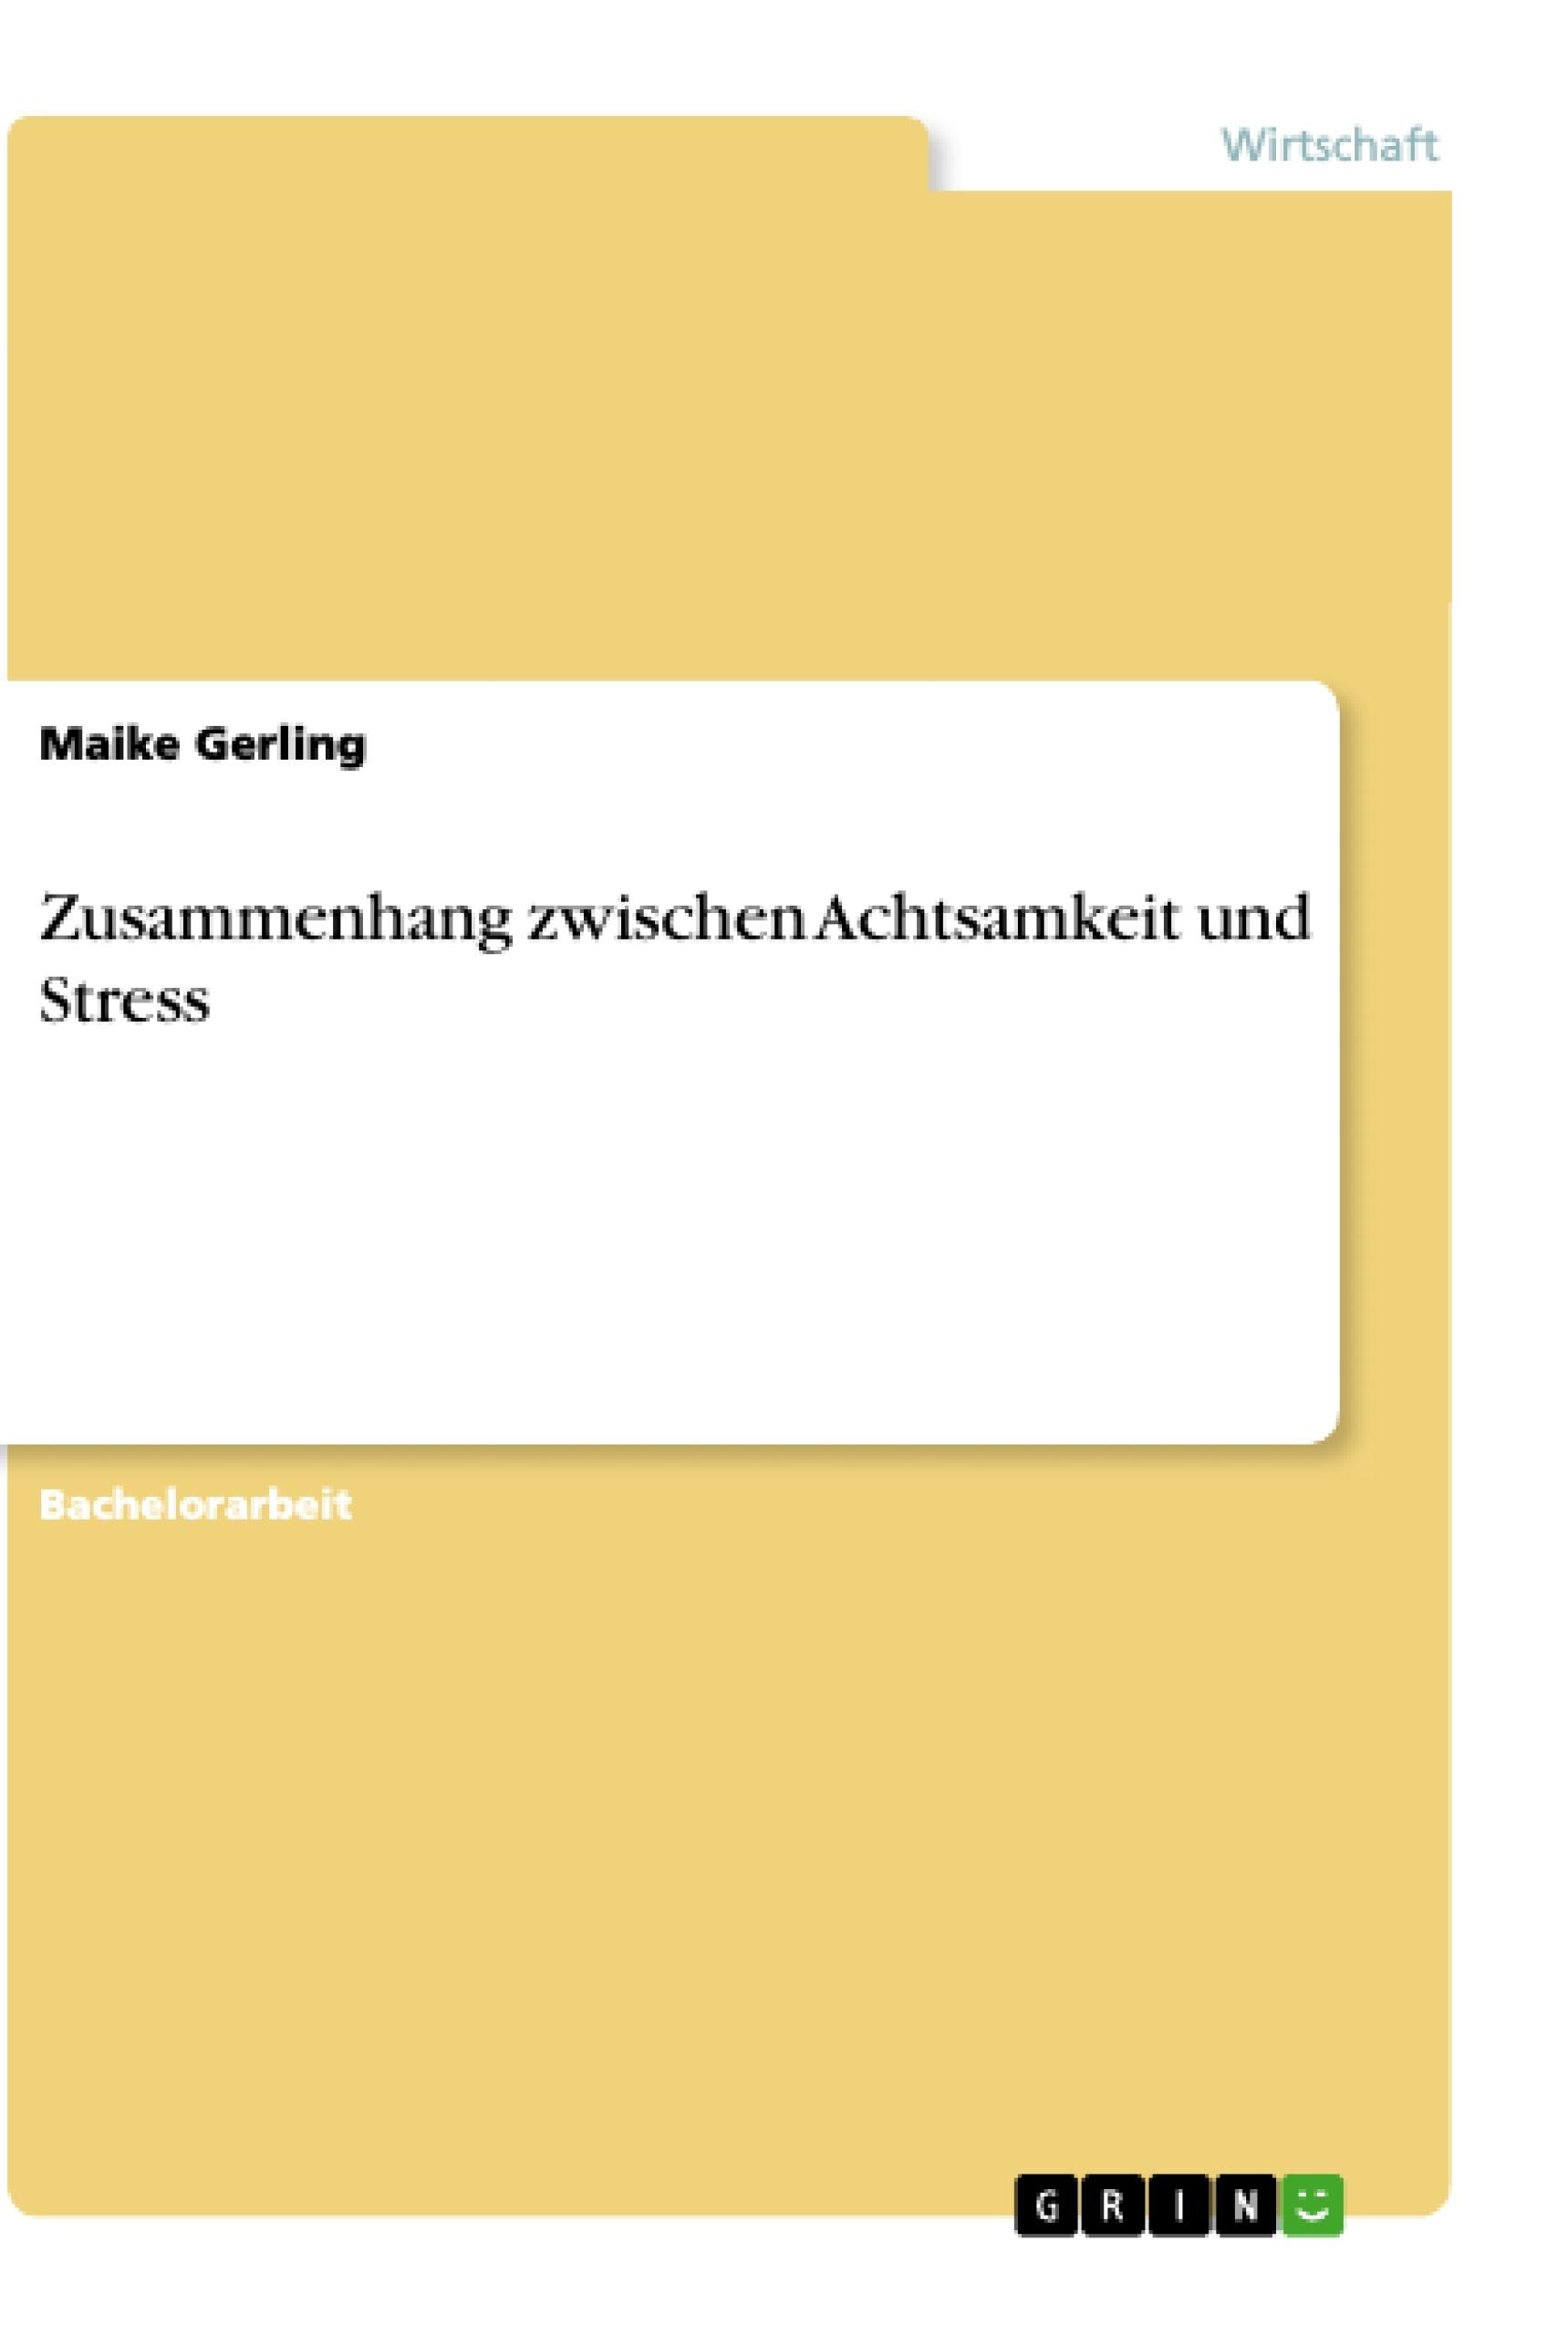 Titel: Zusammenhang zwischen Achtsamkeit und Stress